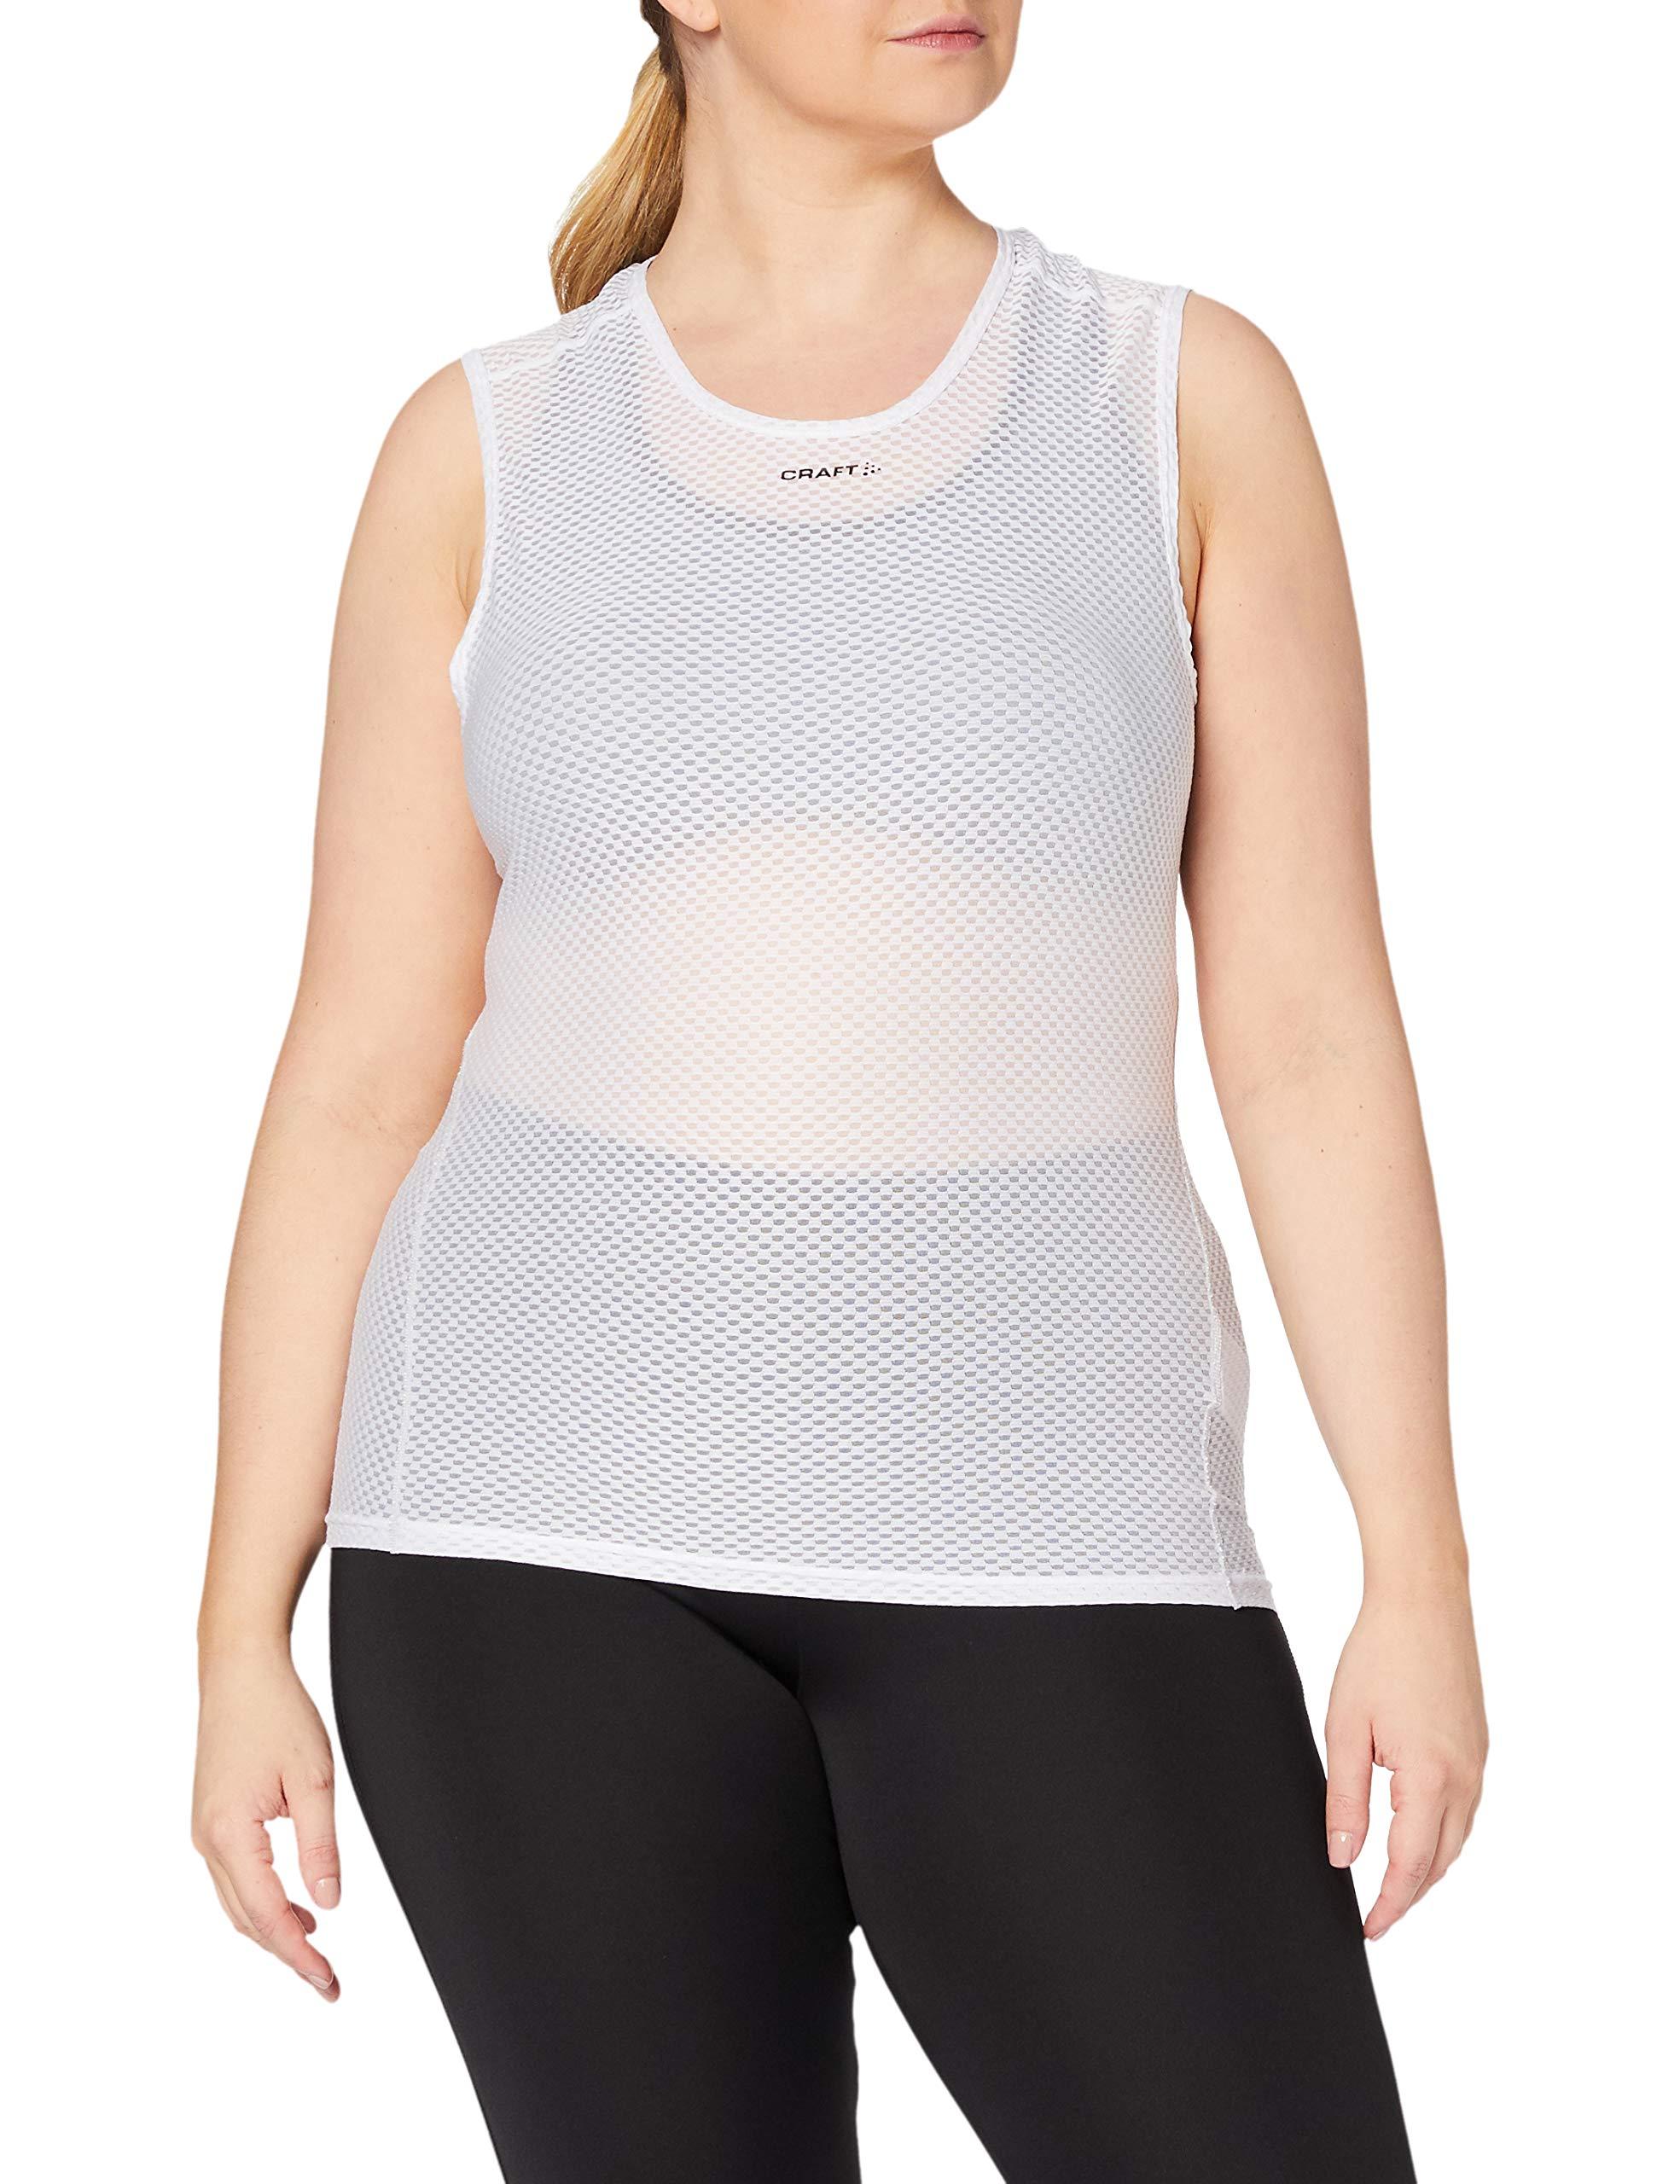 Craft Damen Cool Superlight SL W Unterhemd, White, L